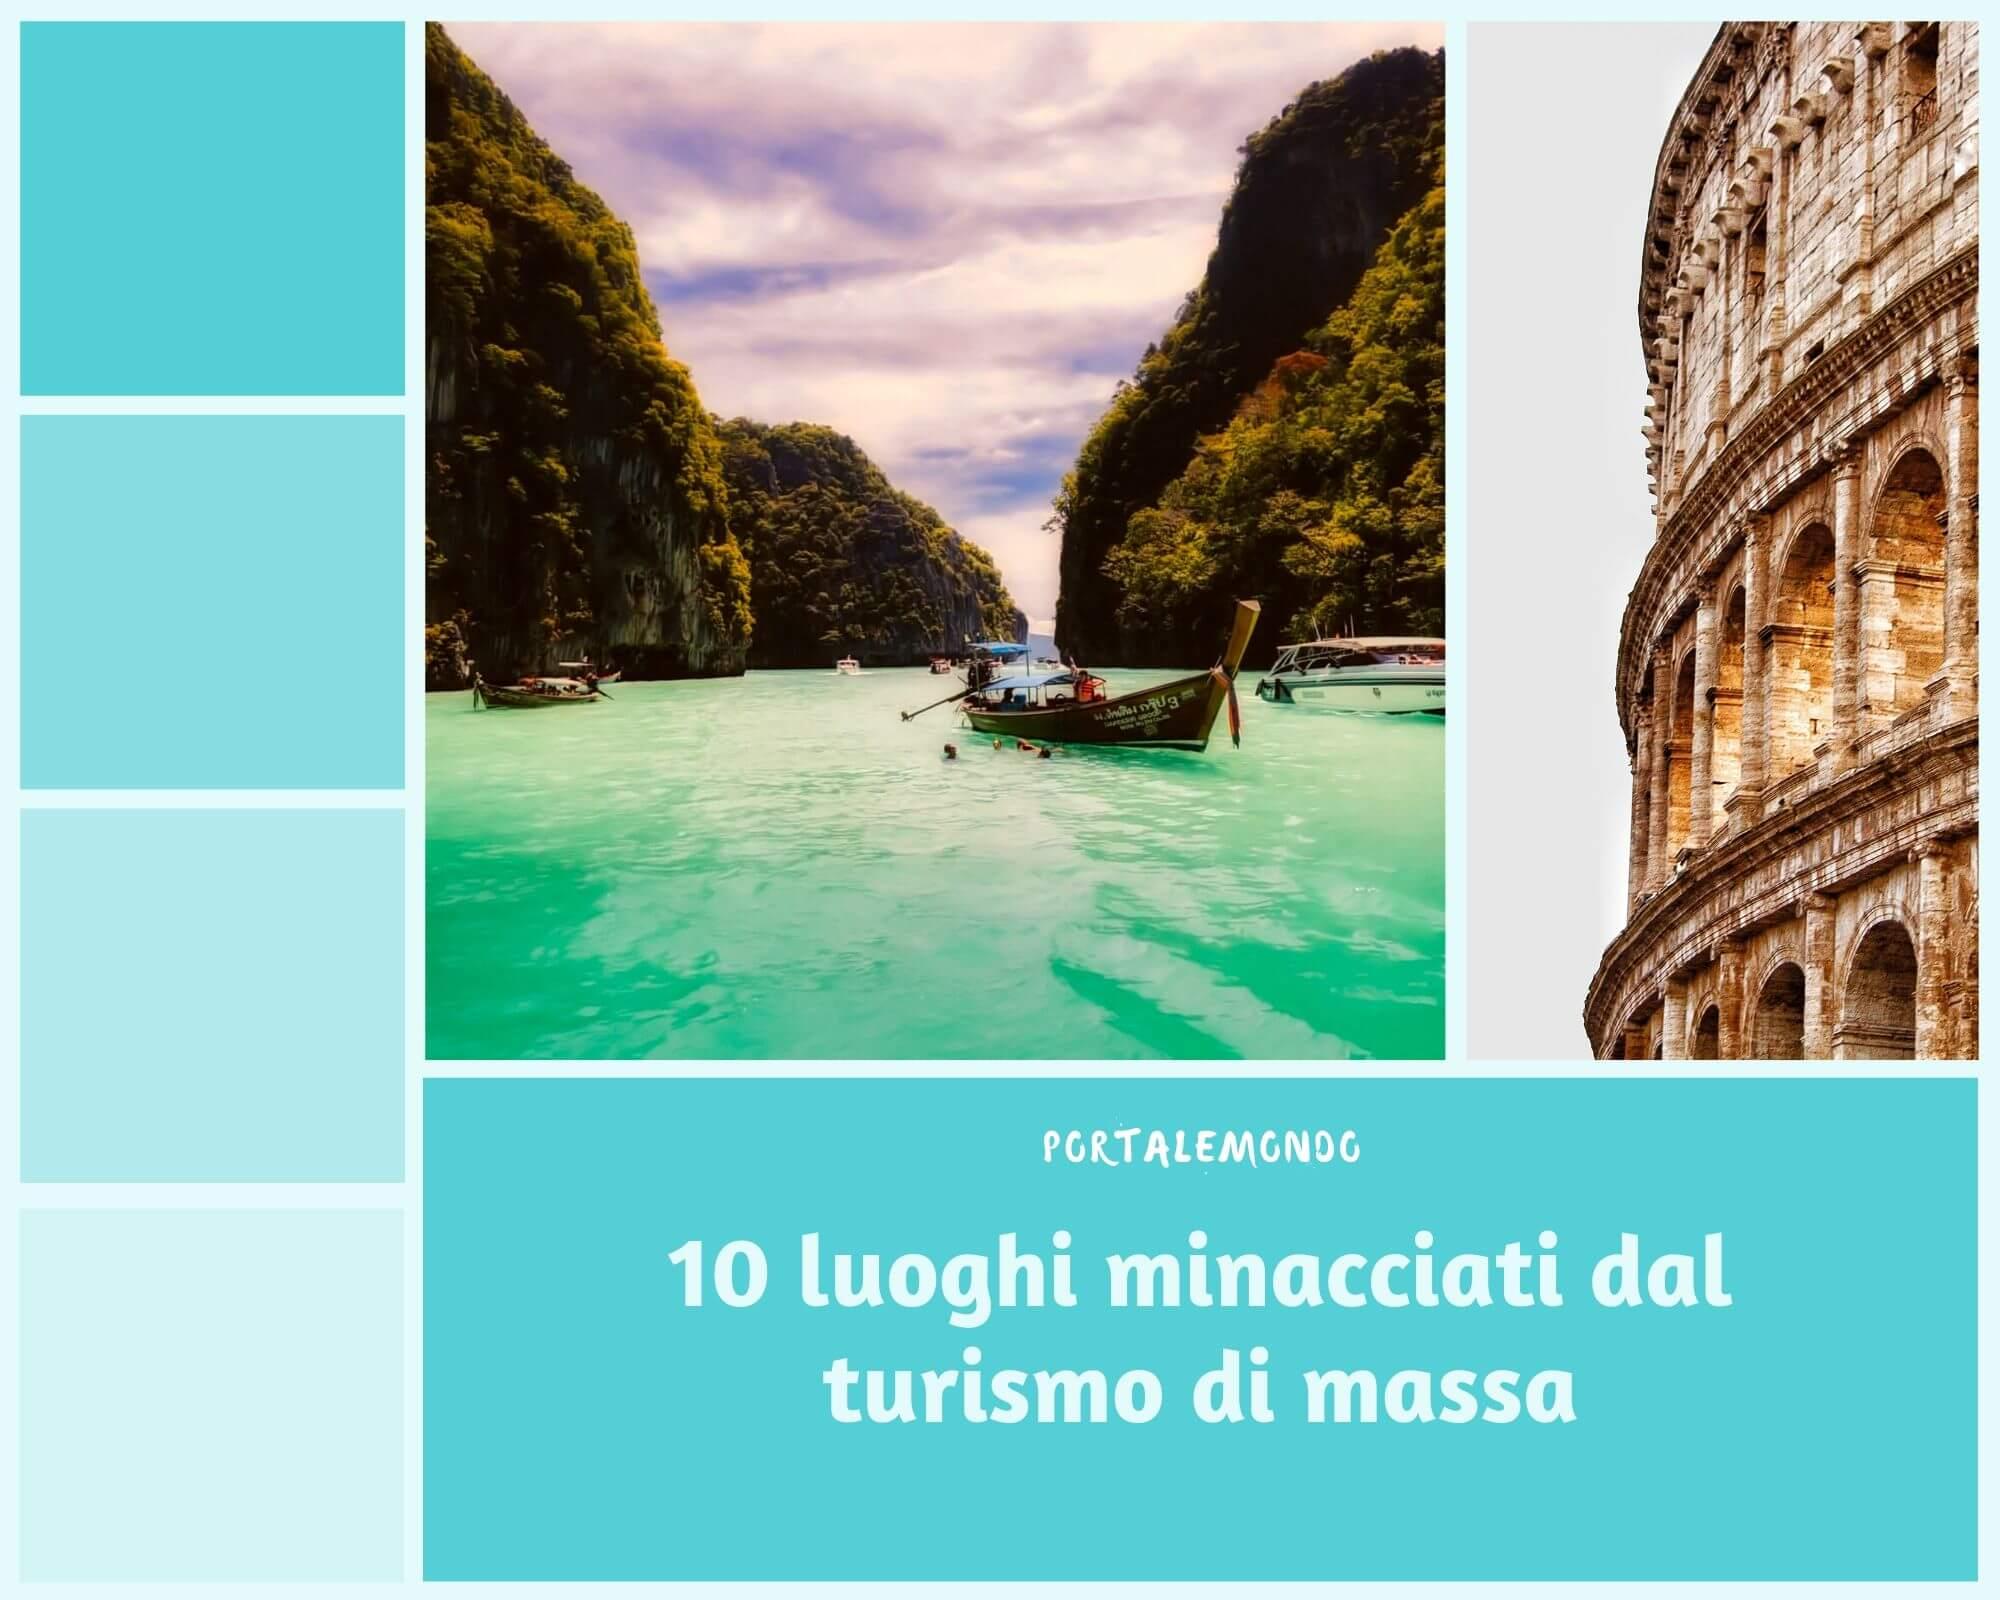 10 luoghi minacciati dal turismo di massa